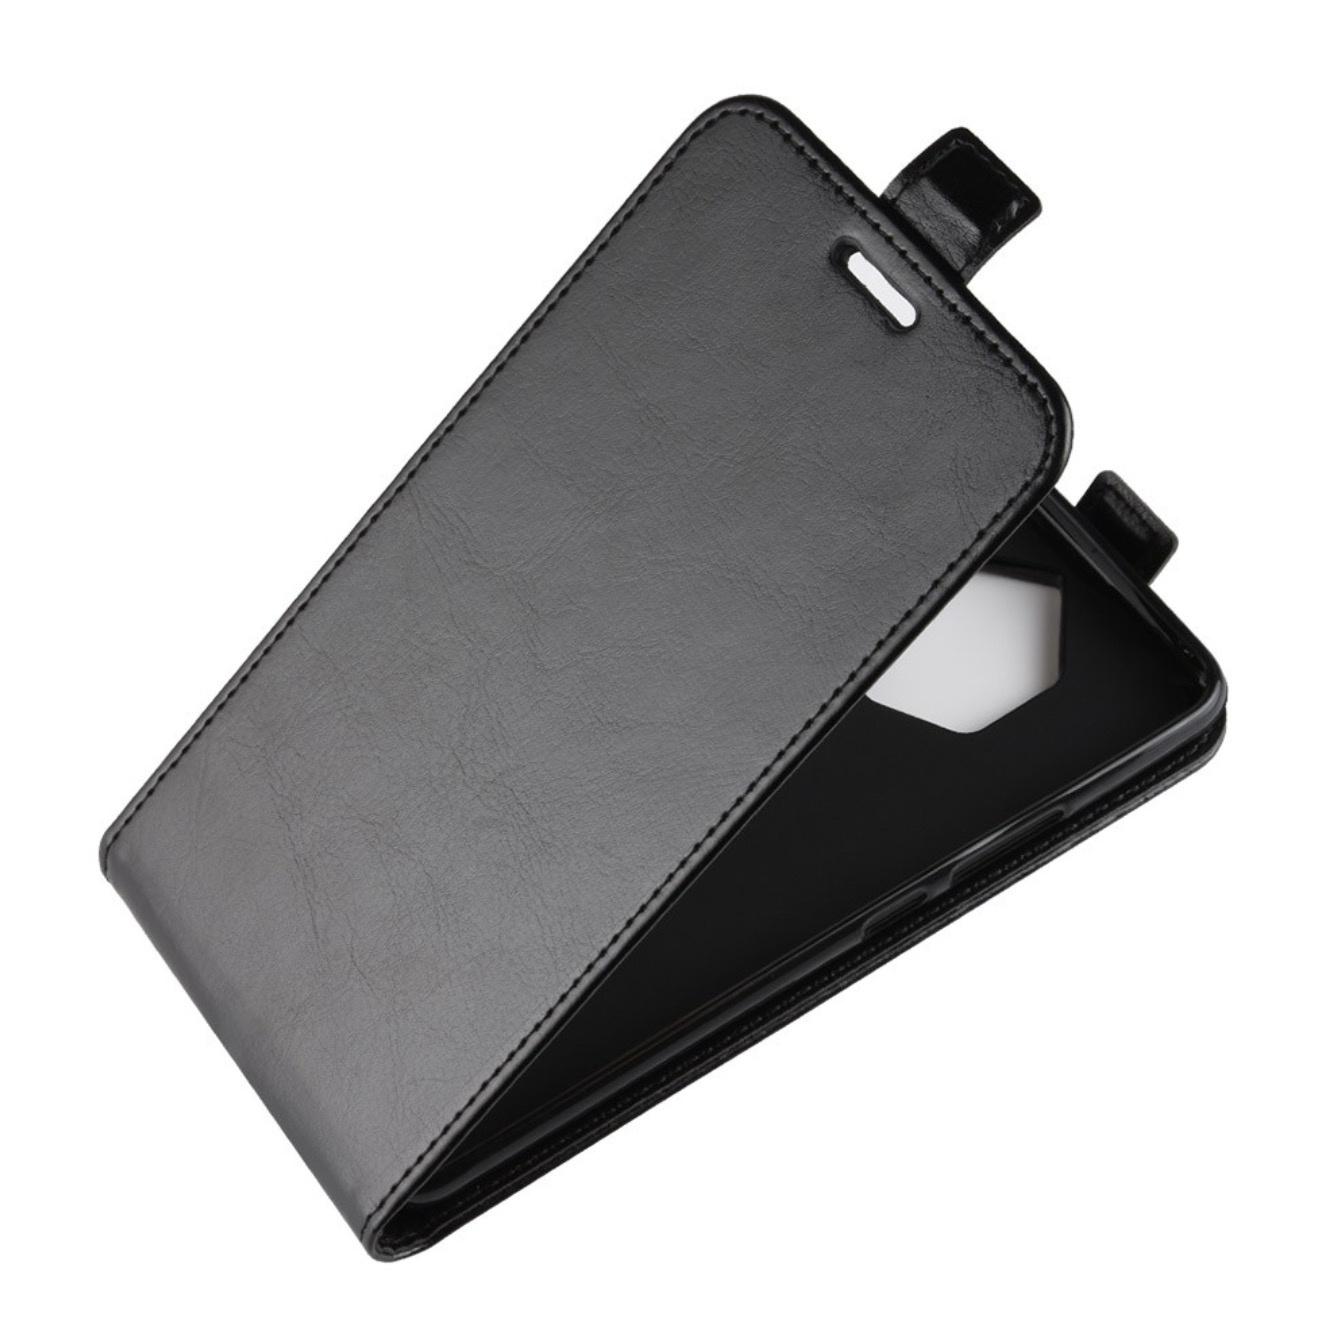 все цены на Чехол-флип MyPads для Nokia Lumia 925 вертикальный откидной черный онлайн